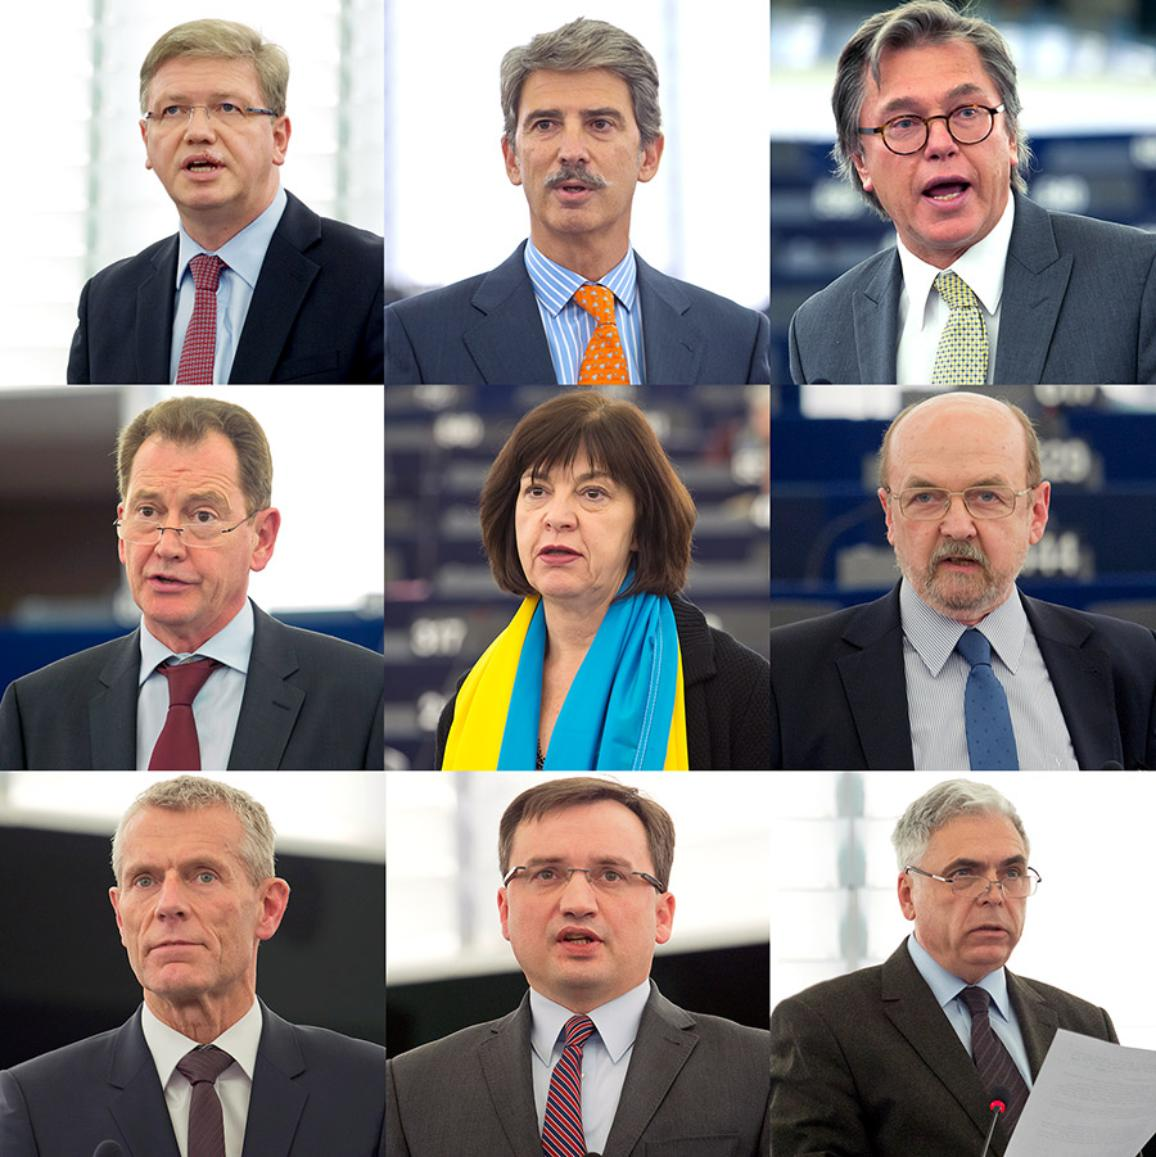 Debate on Ukraine